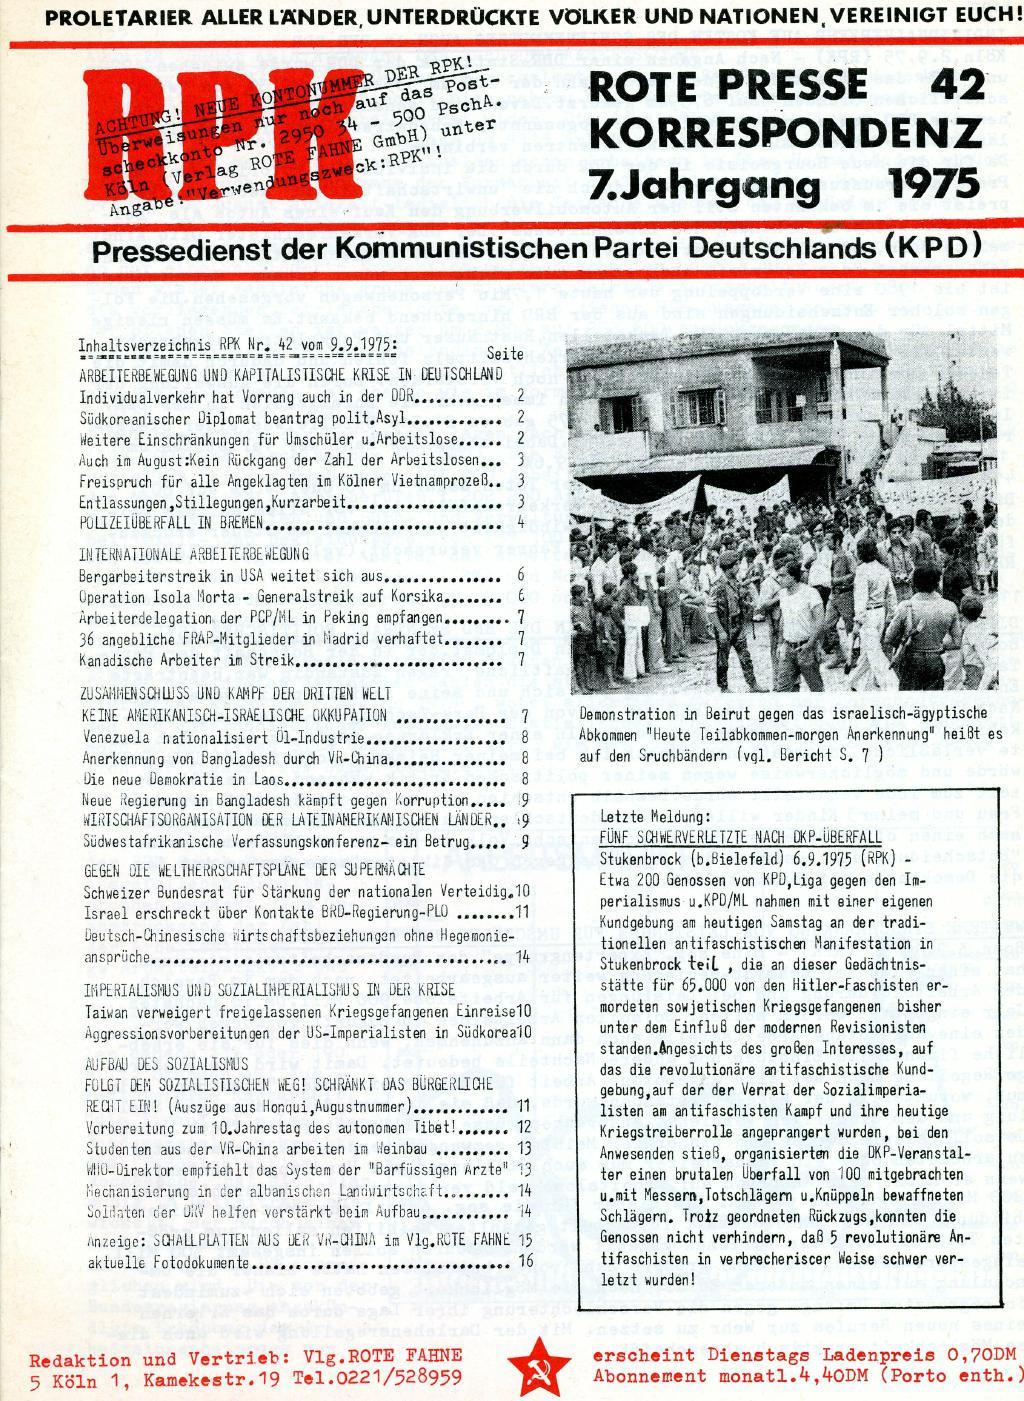 RPK_Pressedienst_1975_42_01